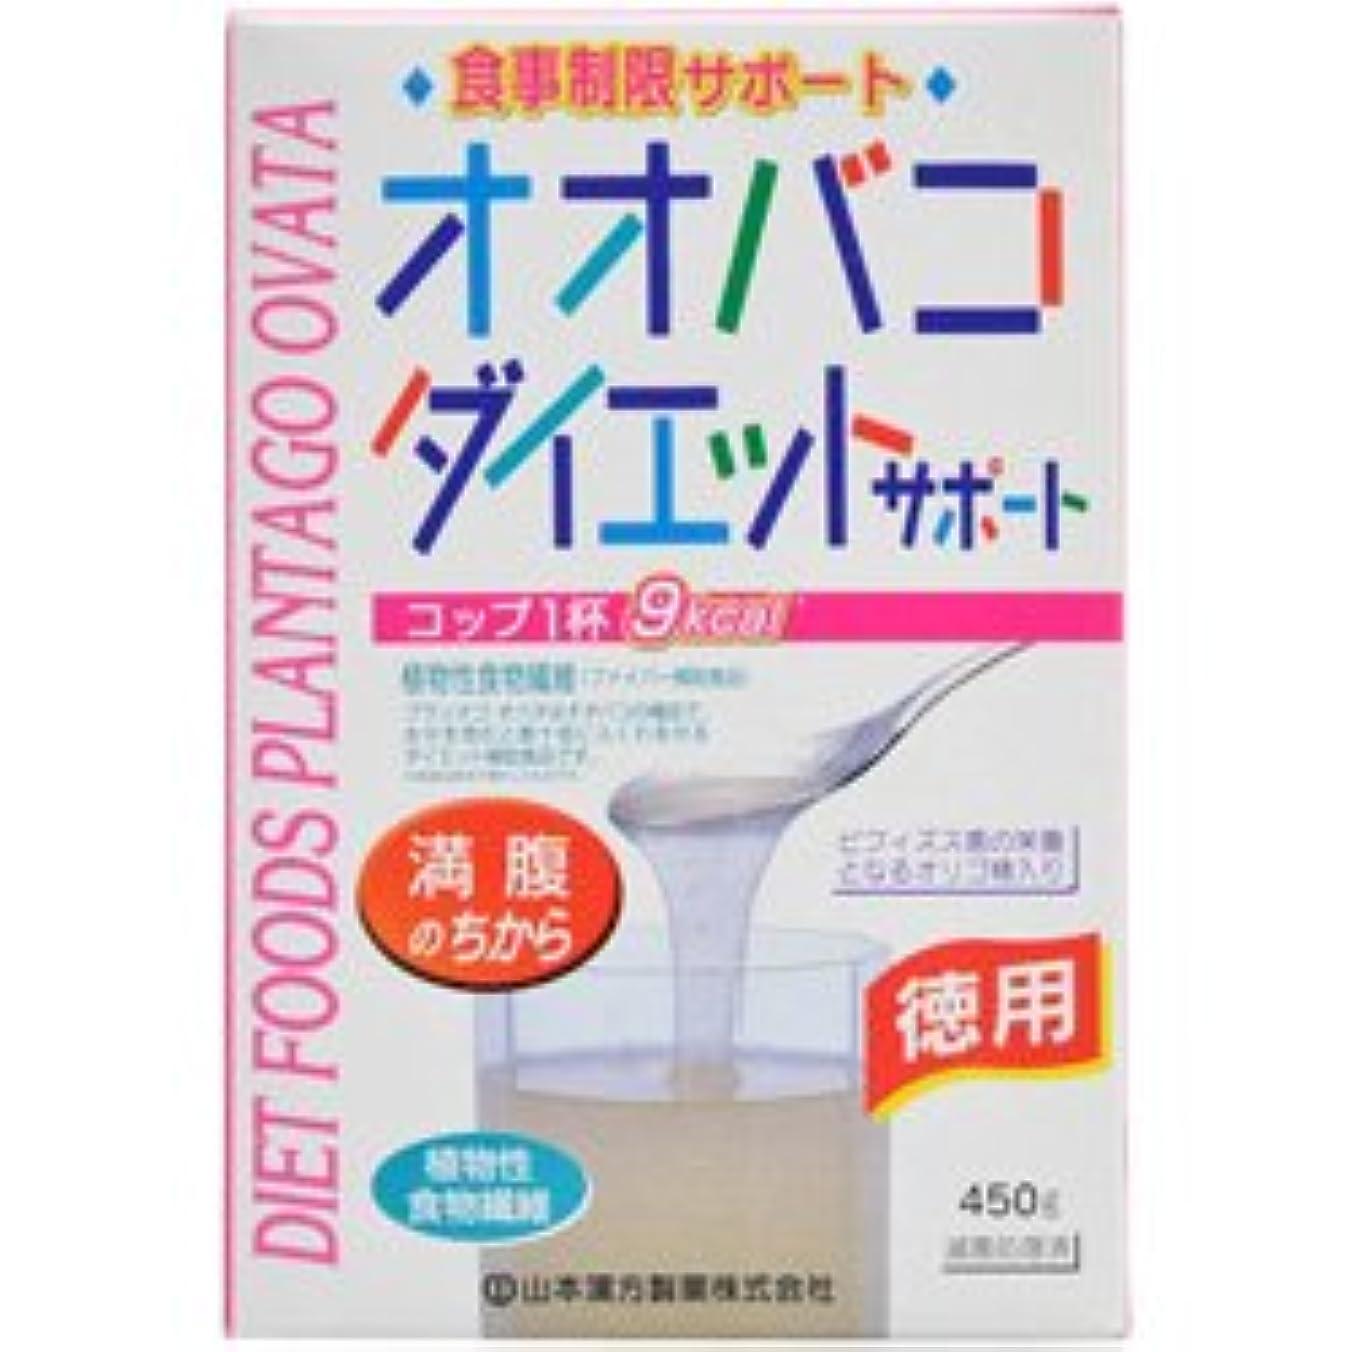 きれいに乱用デクリメント【山本漢方製薬】オオバコ ダイエット お徳用 450g ×20個セット